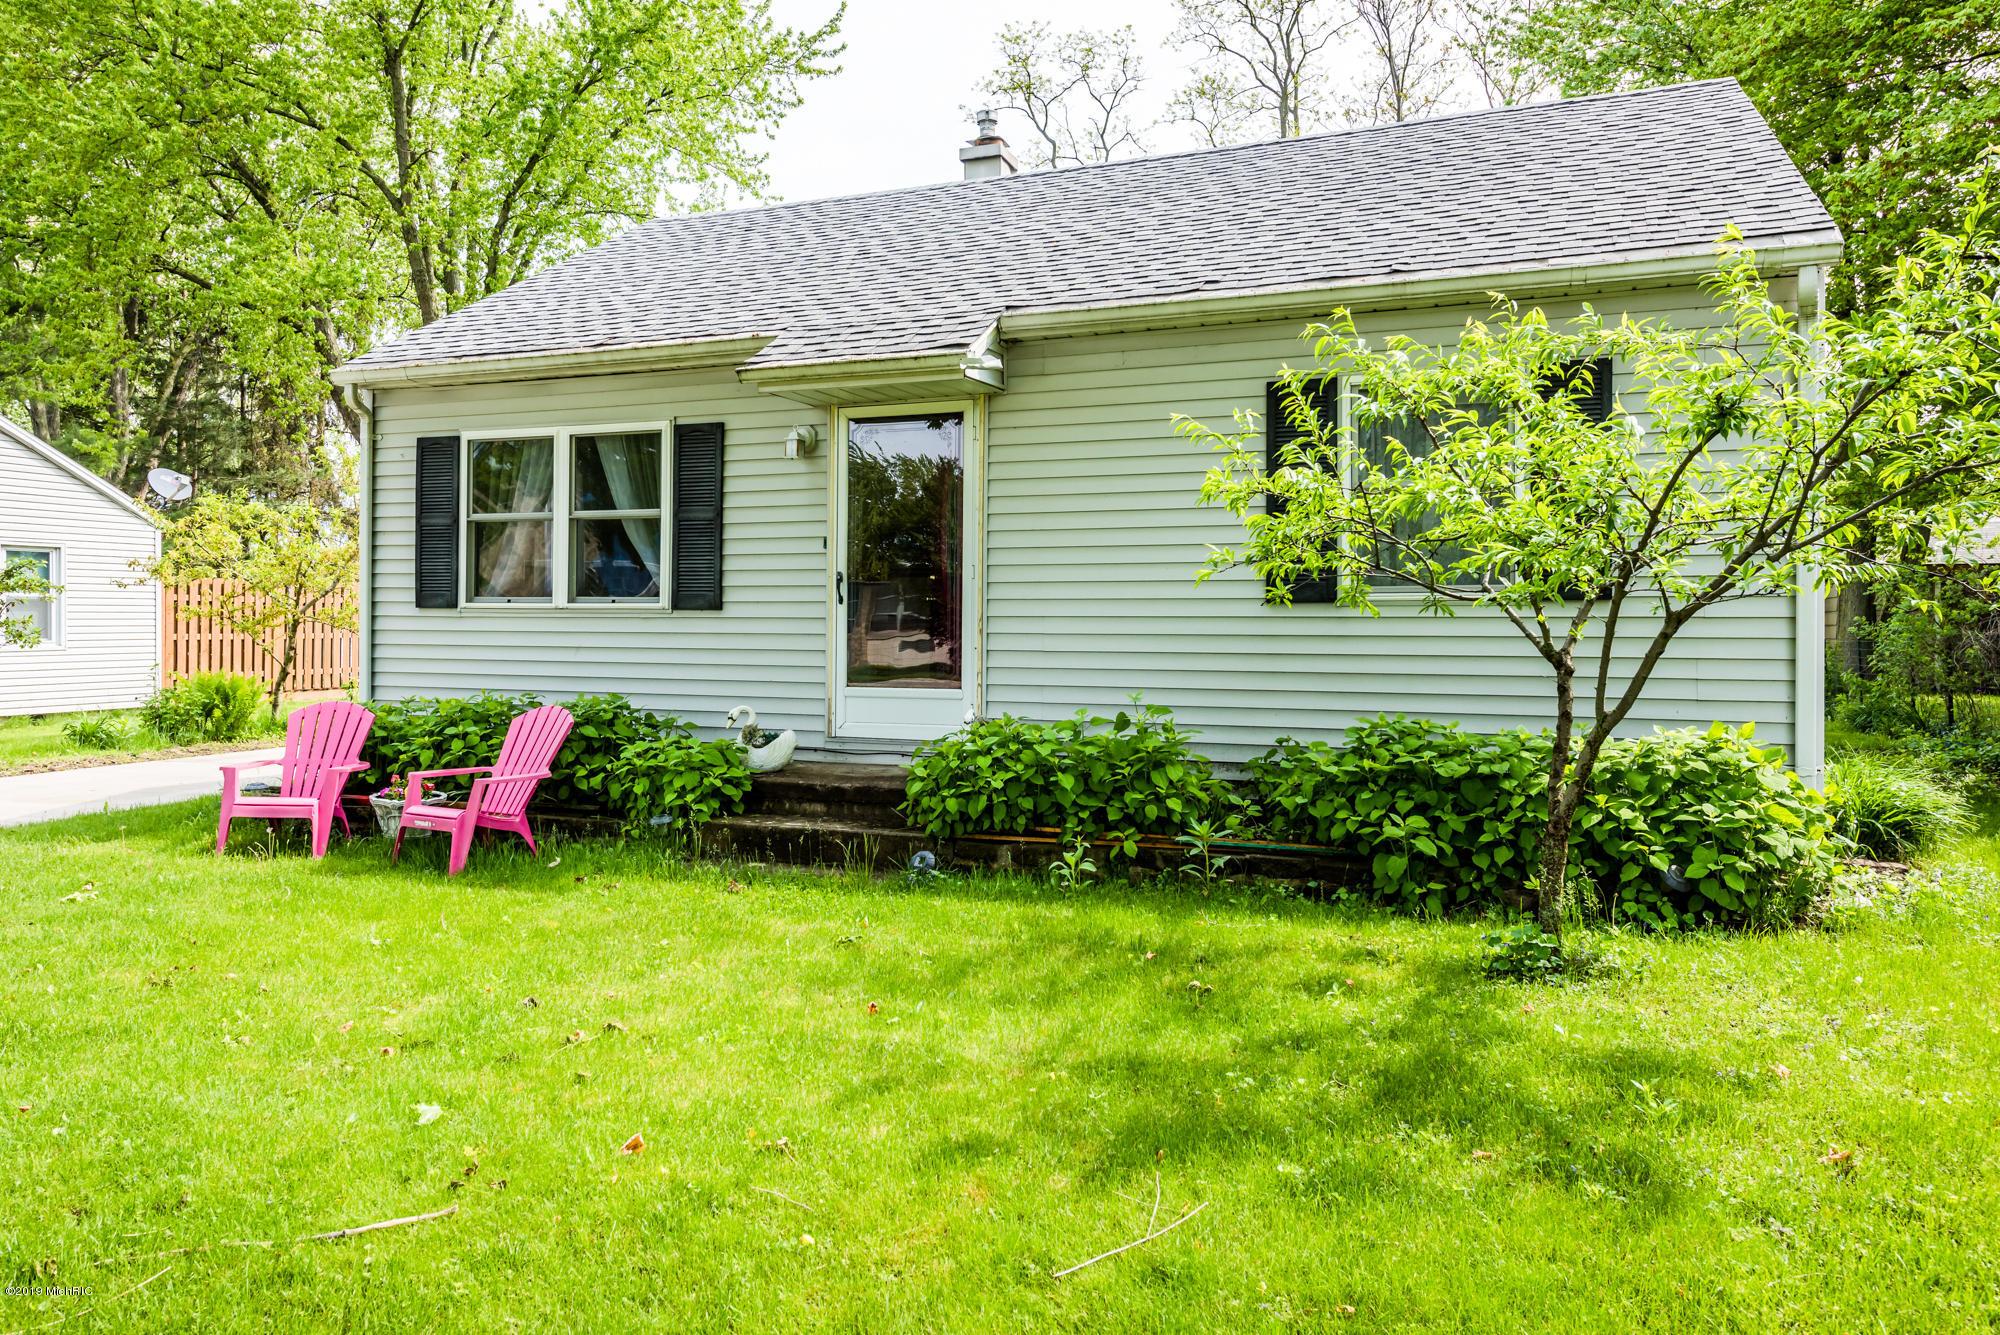 115 Berrien Street, New Buffalo, Michigan 49117, 2 Bedrooms Bedrooms, ,1 BathroomBathrooms,Residential,For Sale,Berrien,19023013